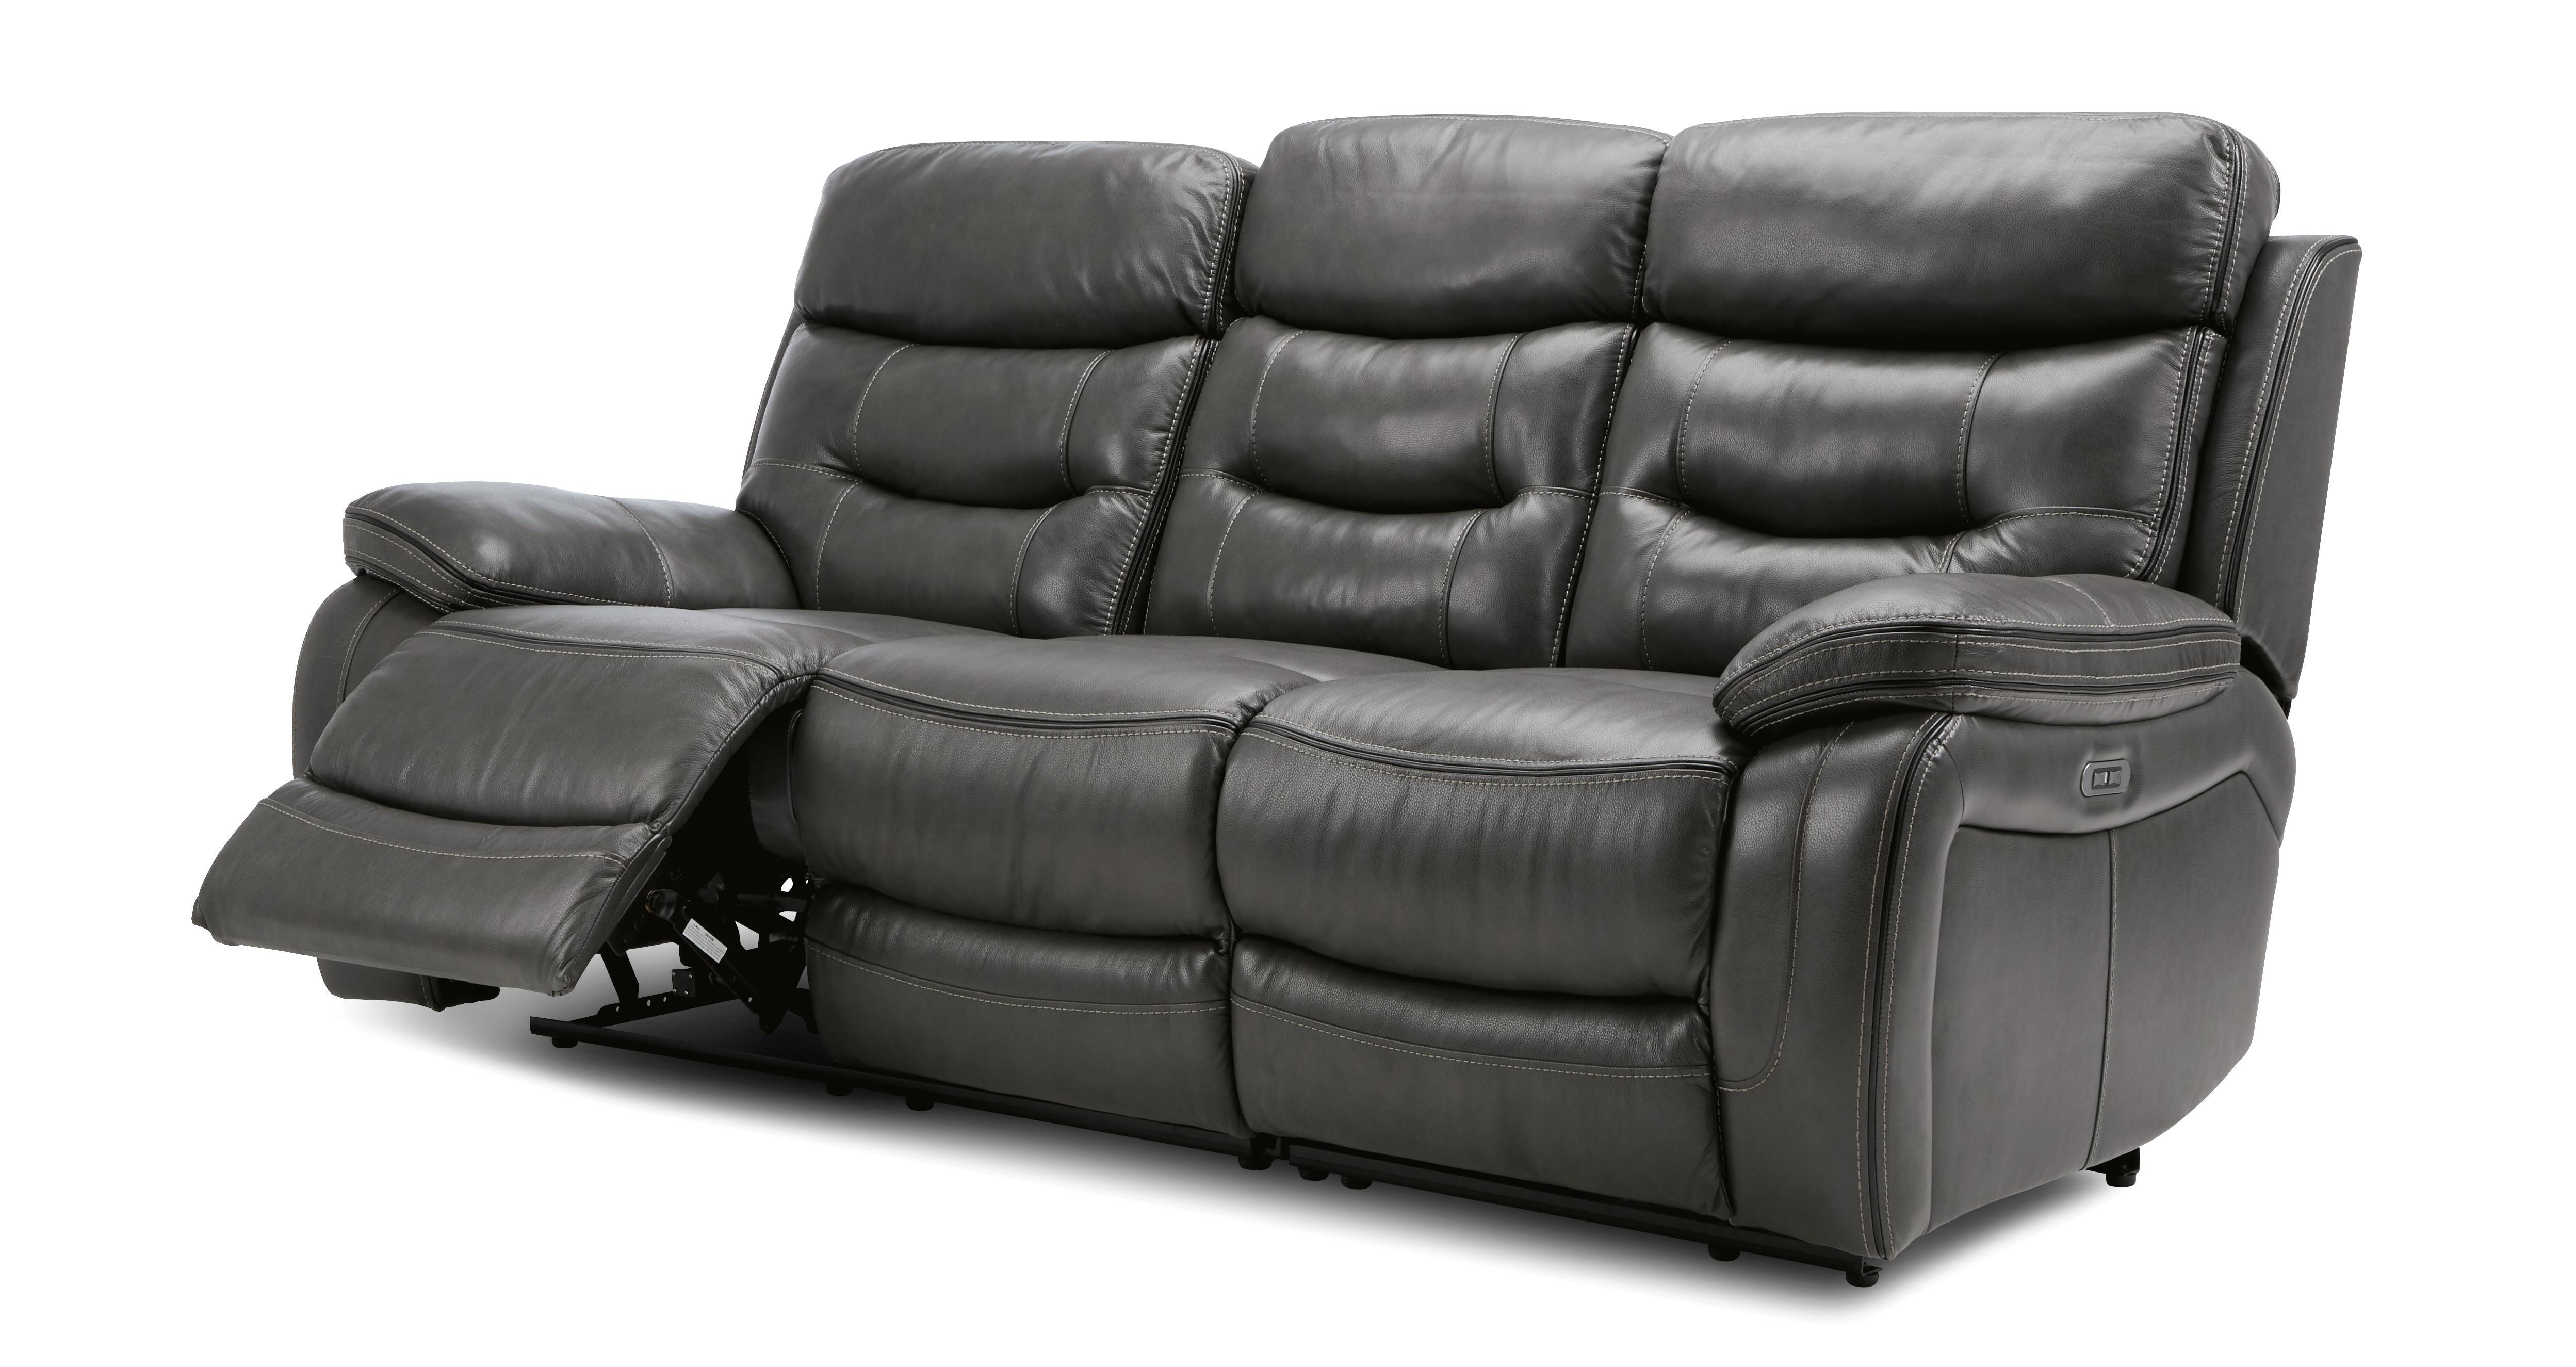 Noah 3 Seater Power Recliner Sofa Opulent | DFS